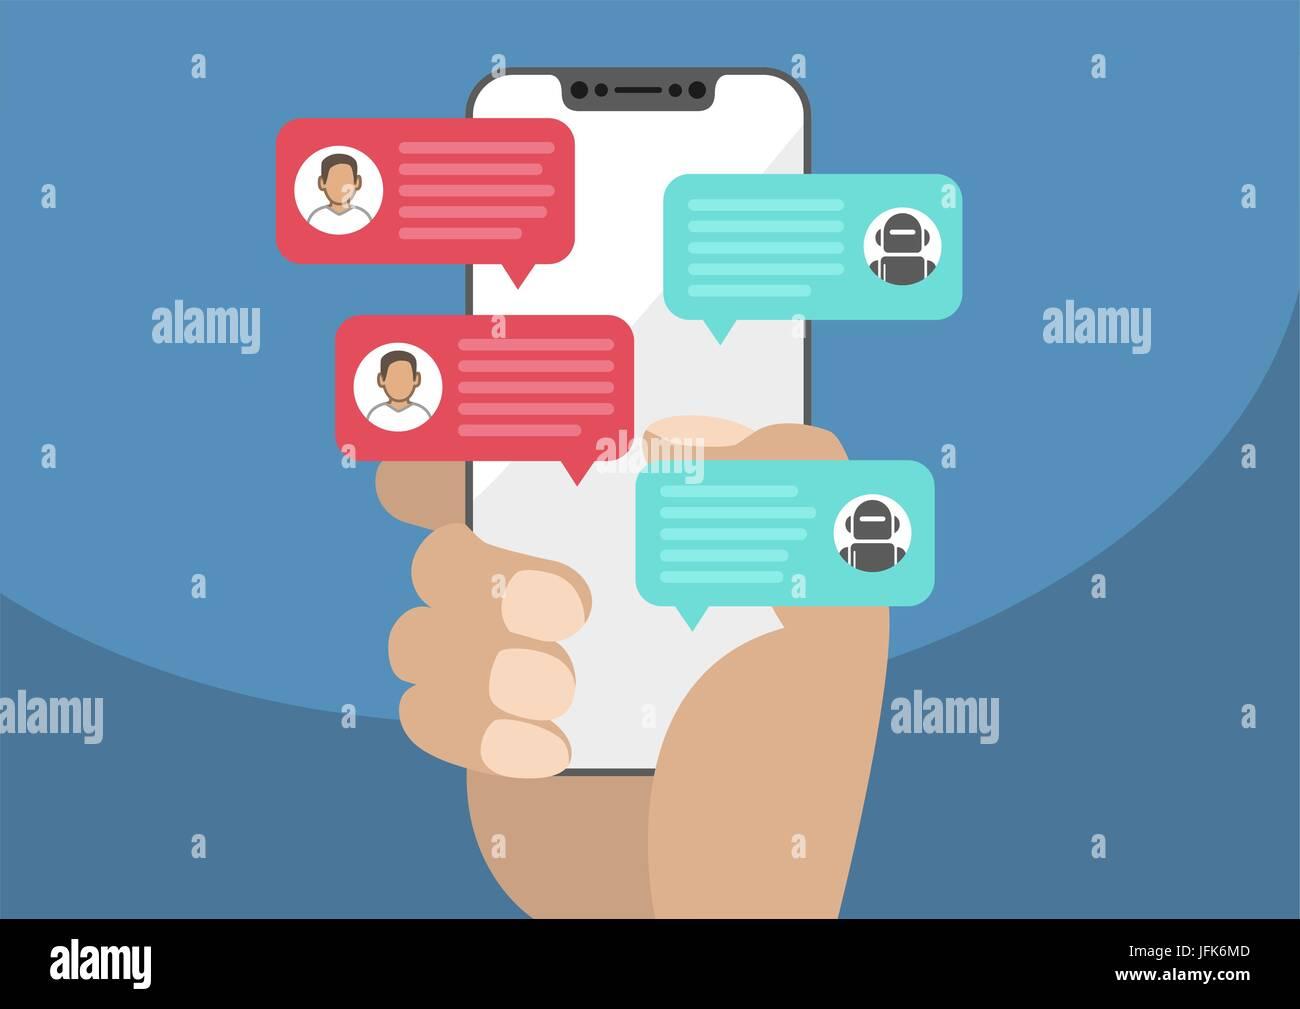 Lunette Man-free / smartphone sans cadre dans la main et discutant avec chat bot robot. Notification des messages de discussion sur smartphone isolé sur blue back Illustration de Vecteur